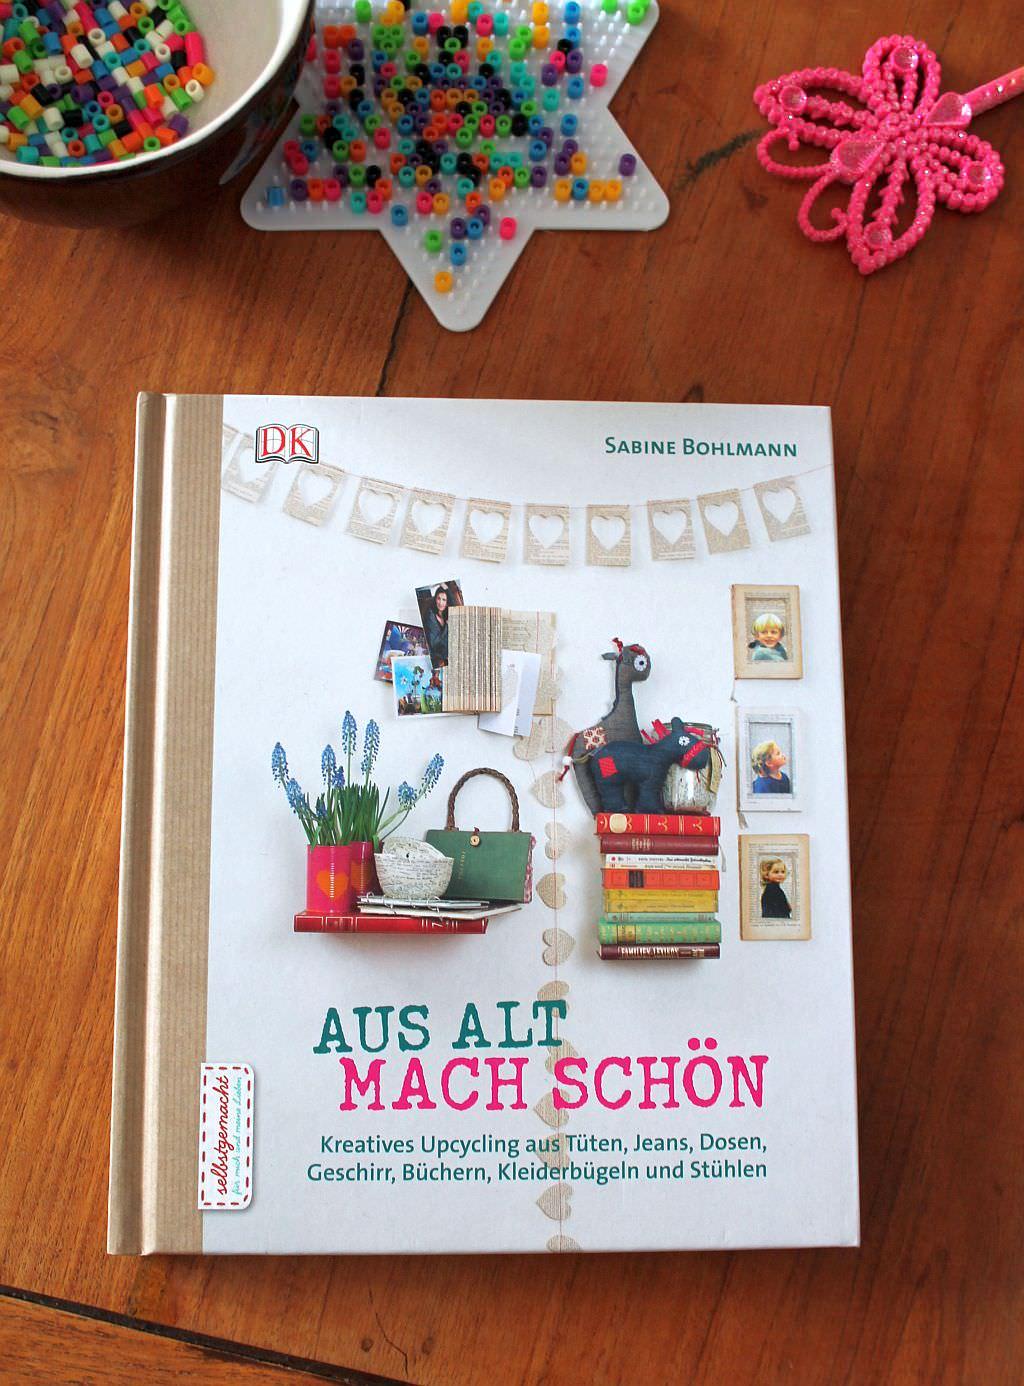 DIY Buchvorstellung aus alt mach schön schoenstricken.de